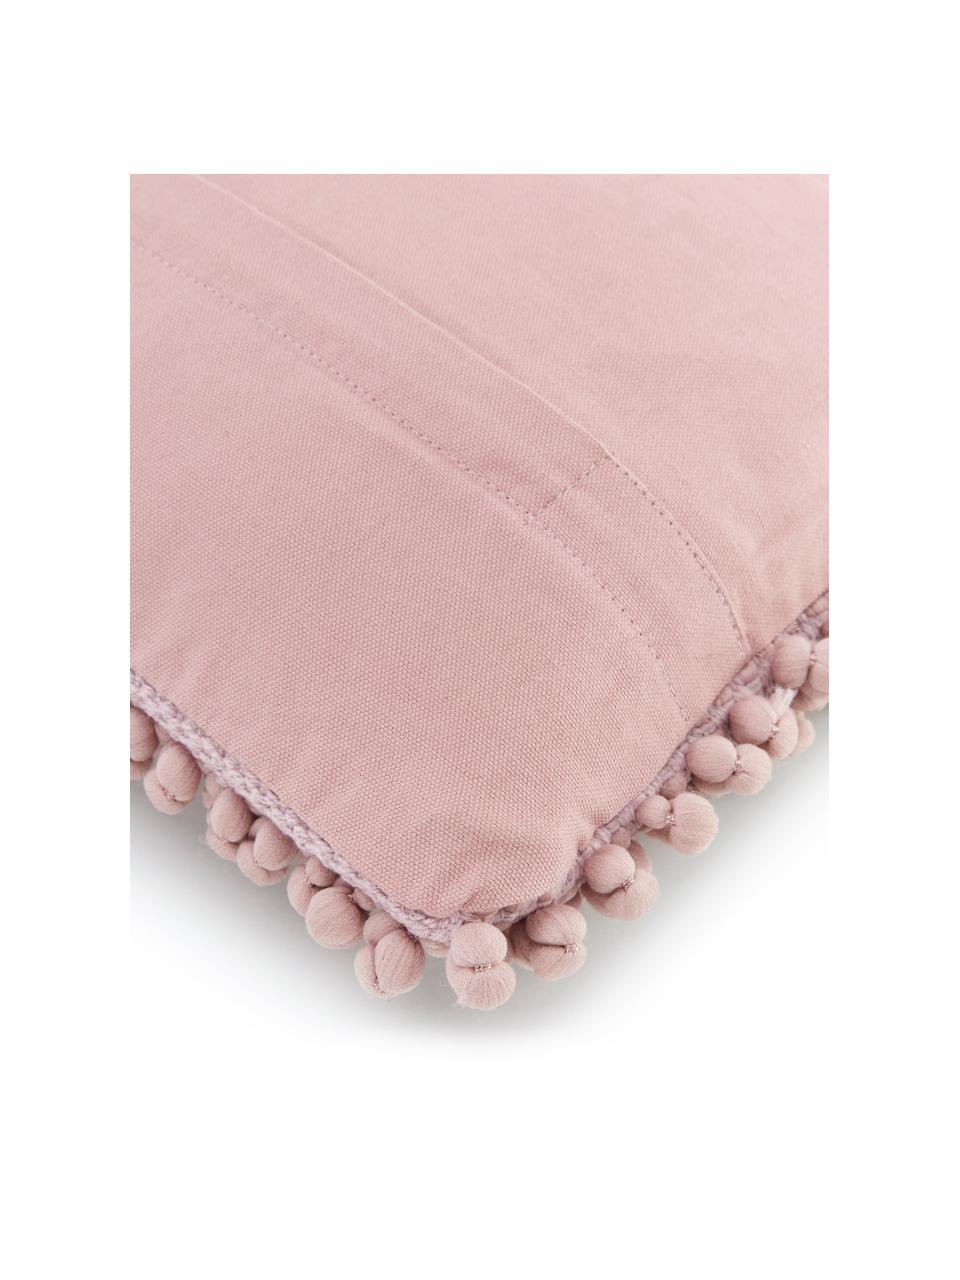 Kissenhülle Iona mit kleinen Stoffkugeln in Altrosa, Vorderseite: 76% Polyester, 24% Baumwo, Rückseite: 100% Baumwolle, Rosa, 30 x 50 cm